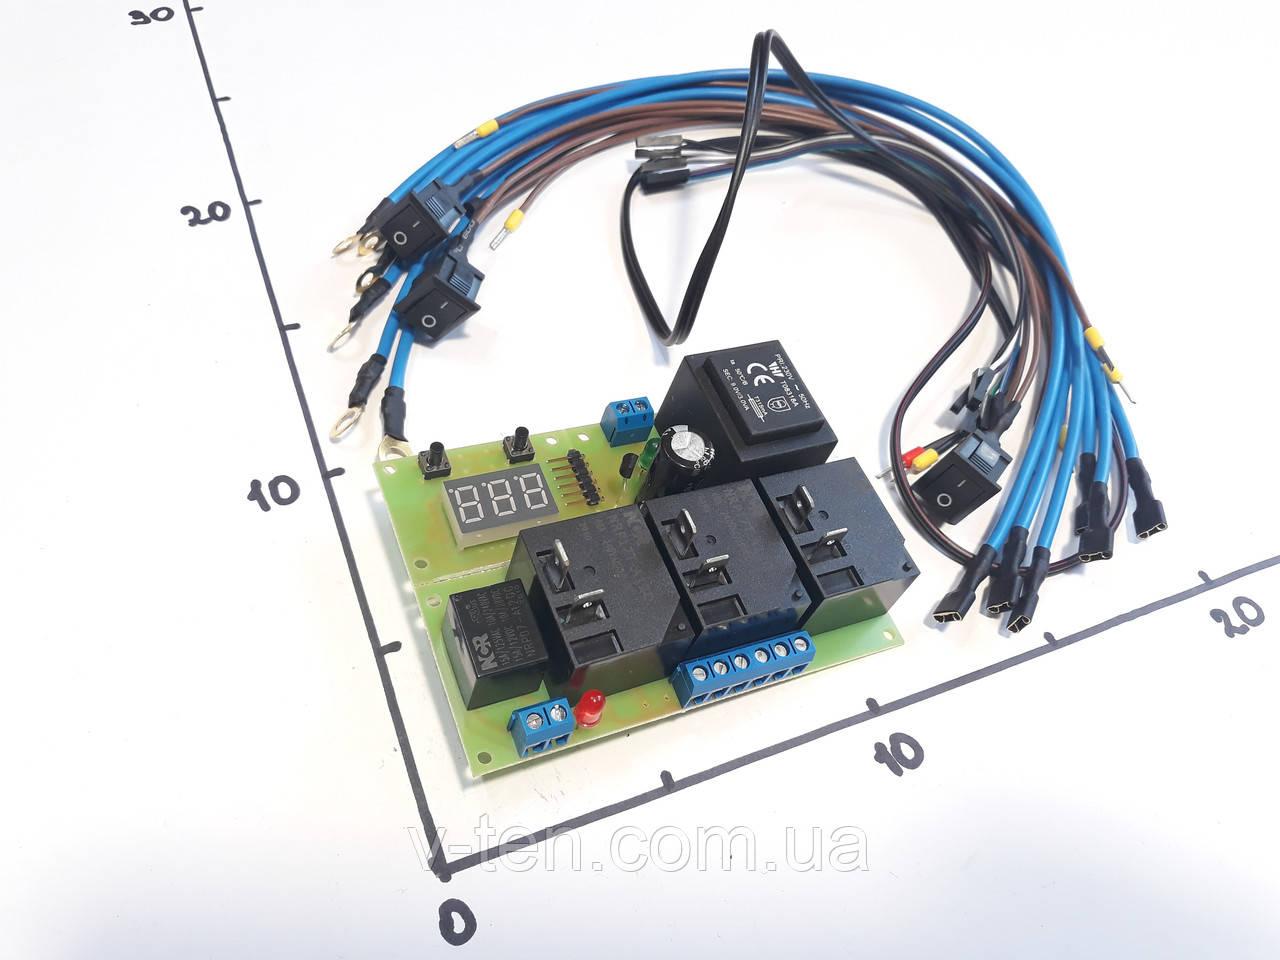 Цифровой высокоточный двухпороговый терморегулятор для блоков ТЭНов